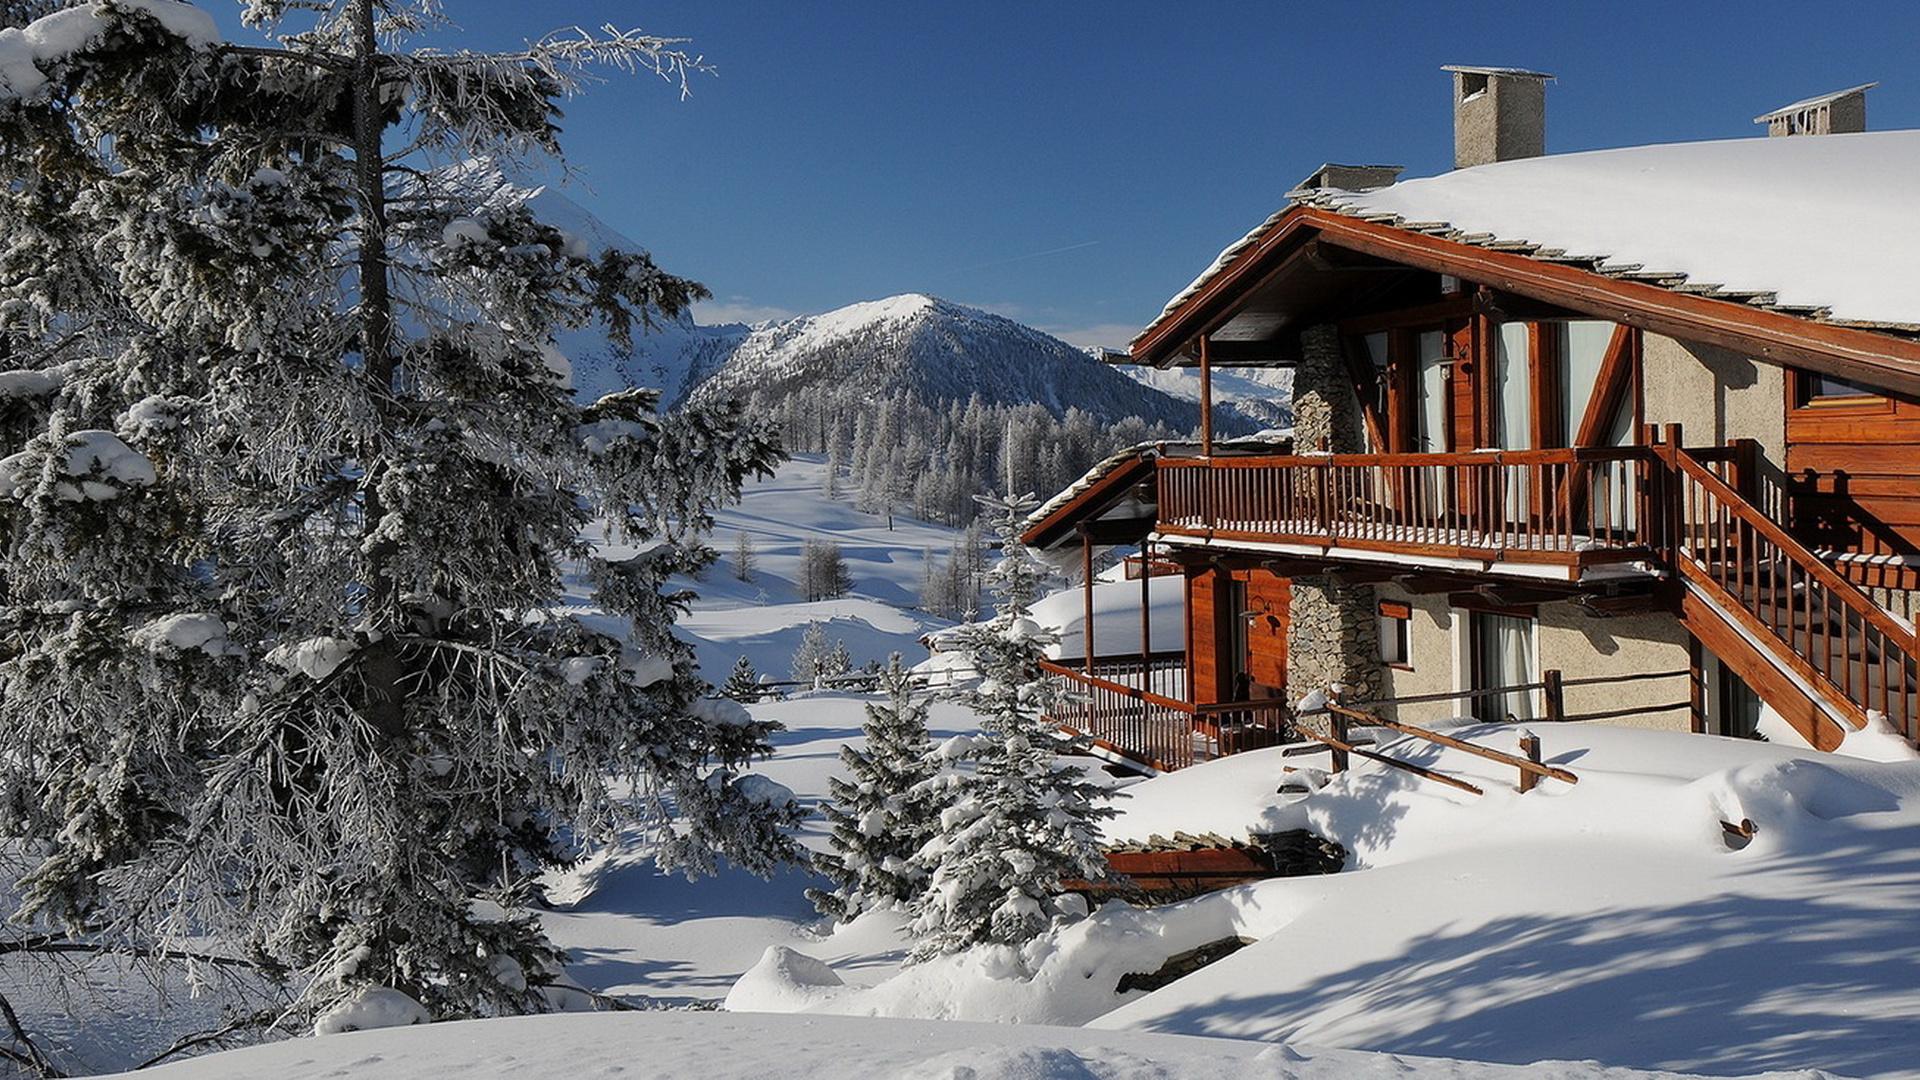 зимний пейзаж с виллой фото дагестана